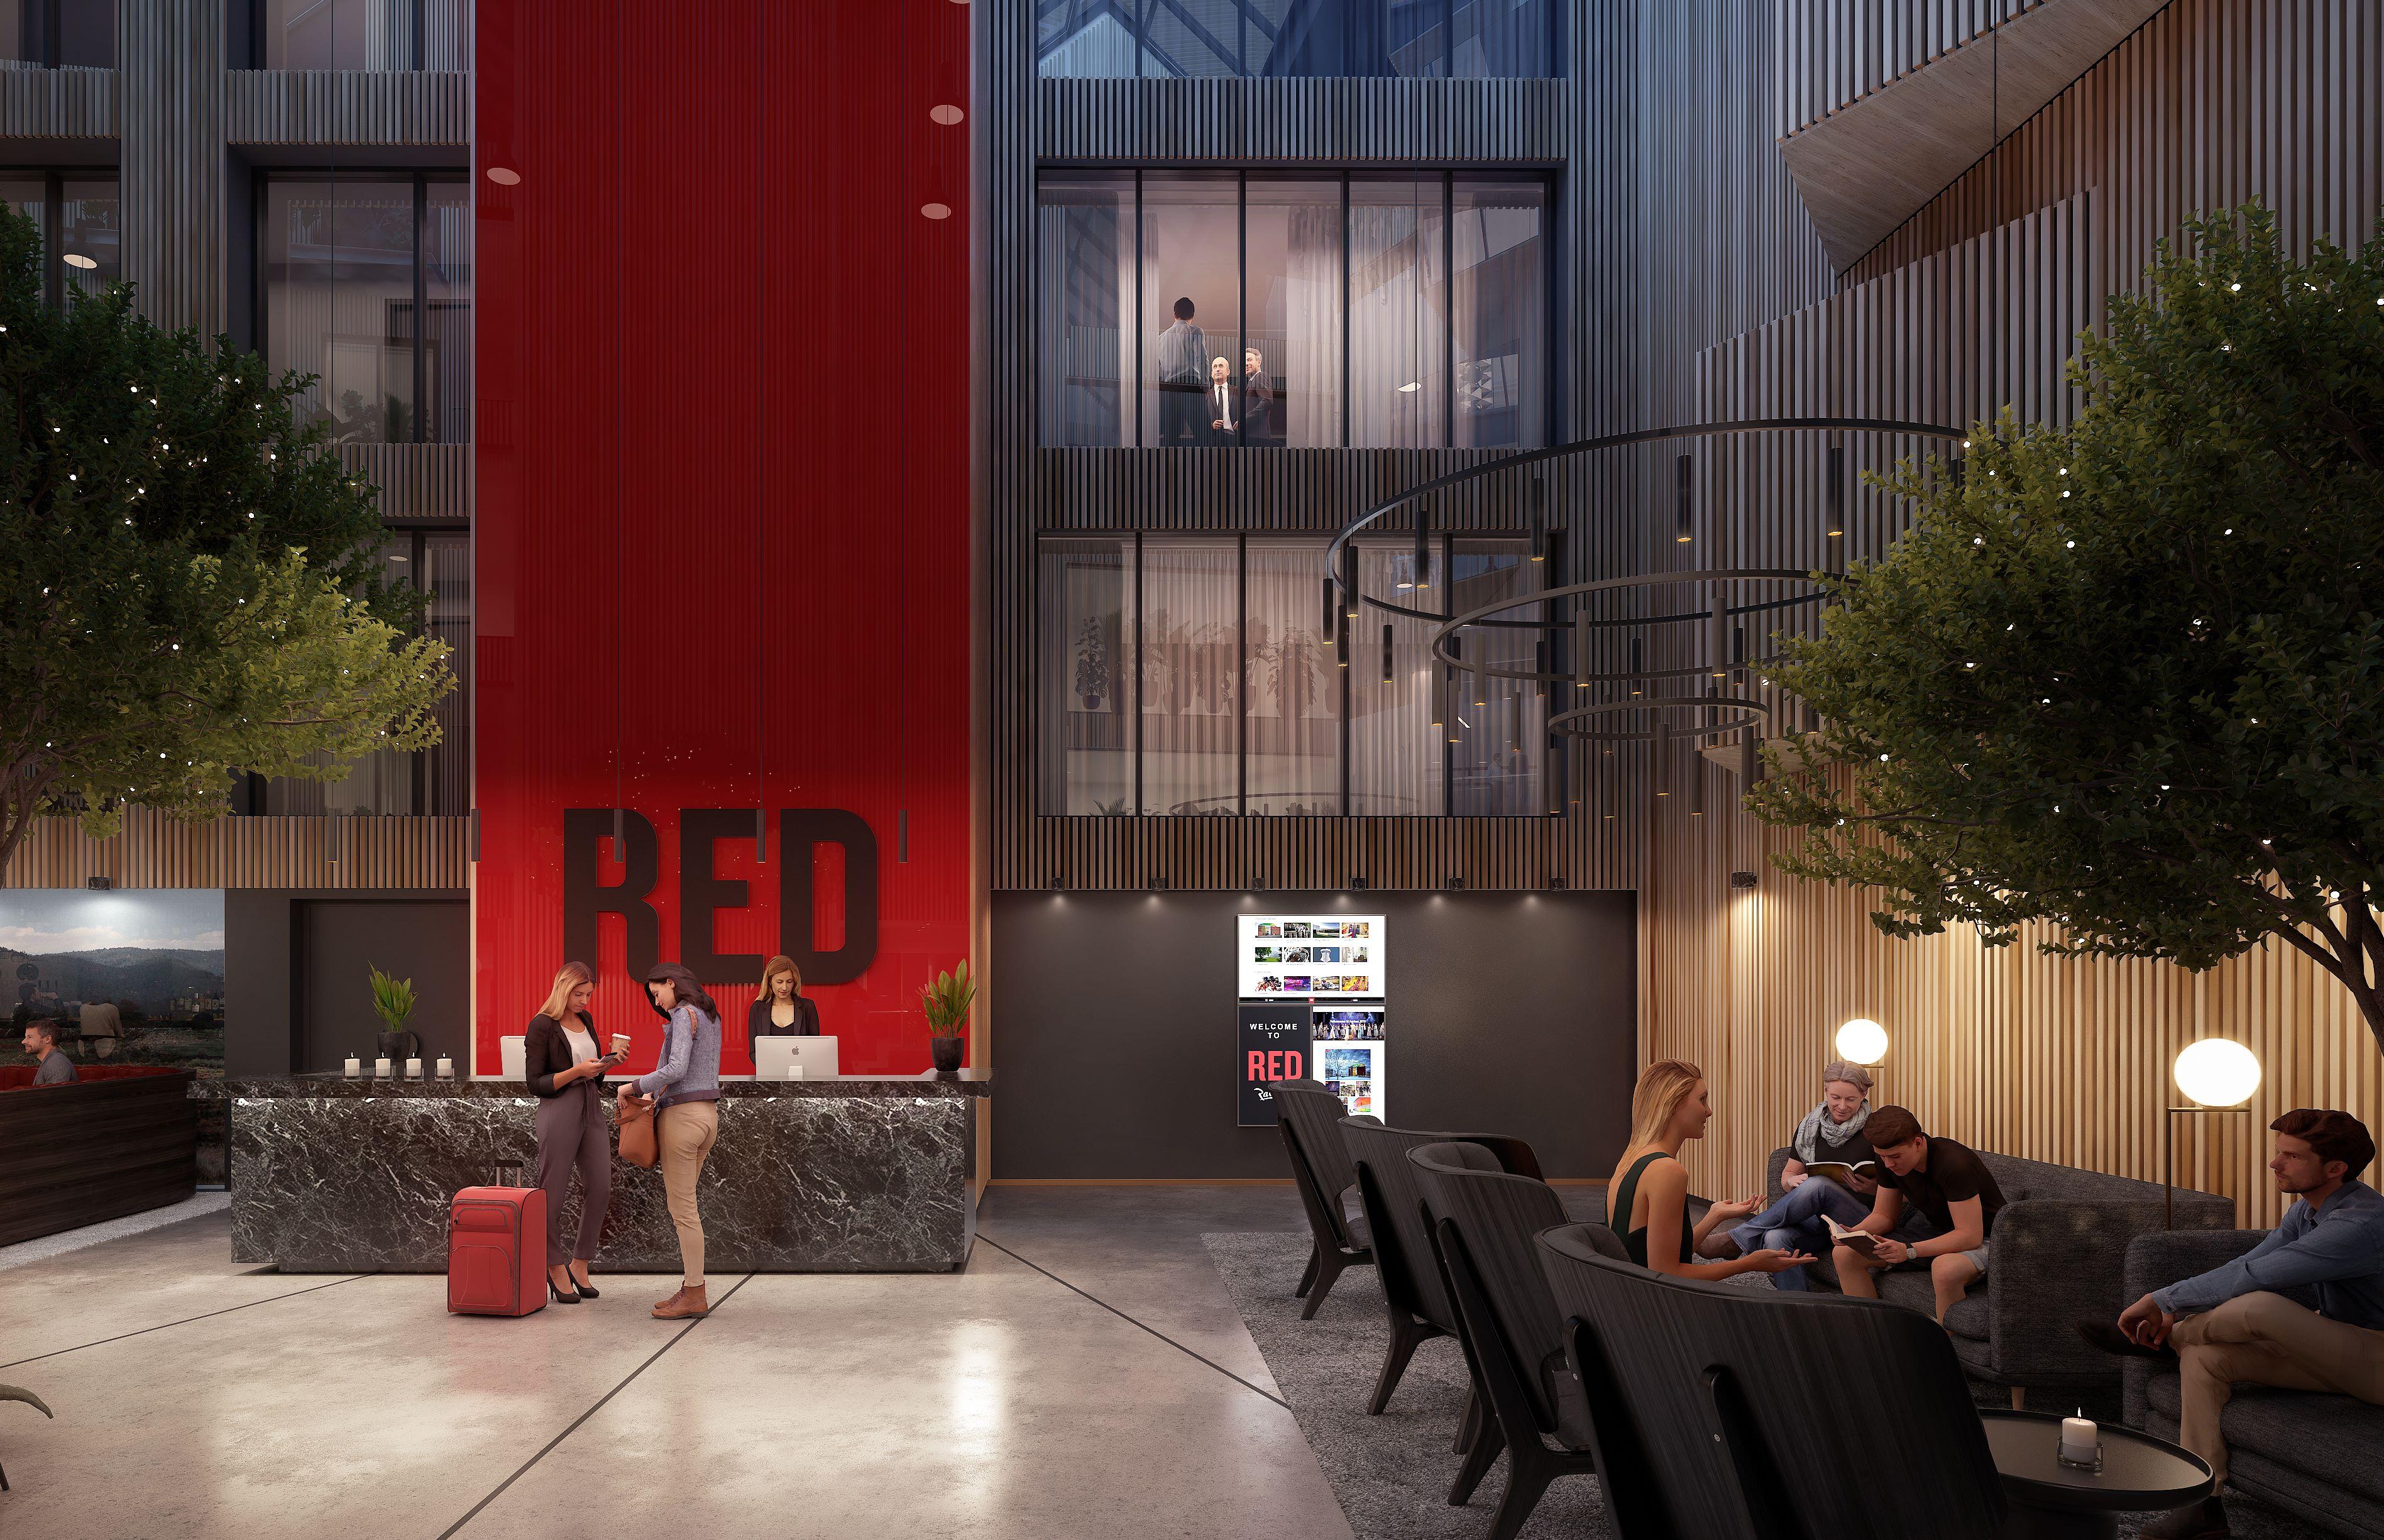 Det kommende Radisson Red-hotel i Aarhus får 78 værelser, møde- og event-faciliteter, fitnesscenter og restaurant. Det åbner i erhvervs- og boligbyggeriet Rådhusgården i det centrale Aarhus med byens rådhus som genbo. Illustration fra Radisson Hotel Group.